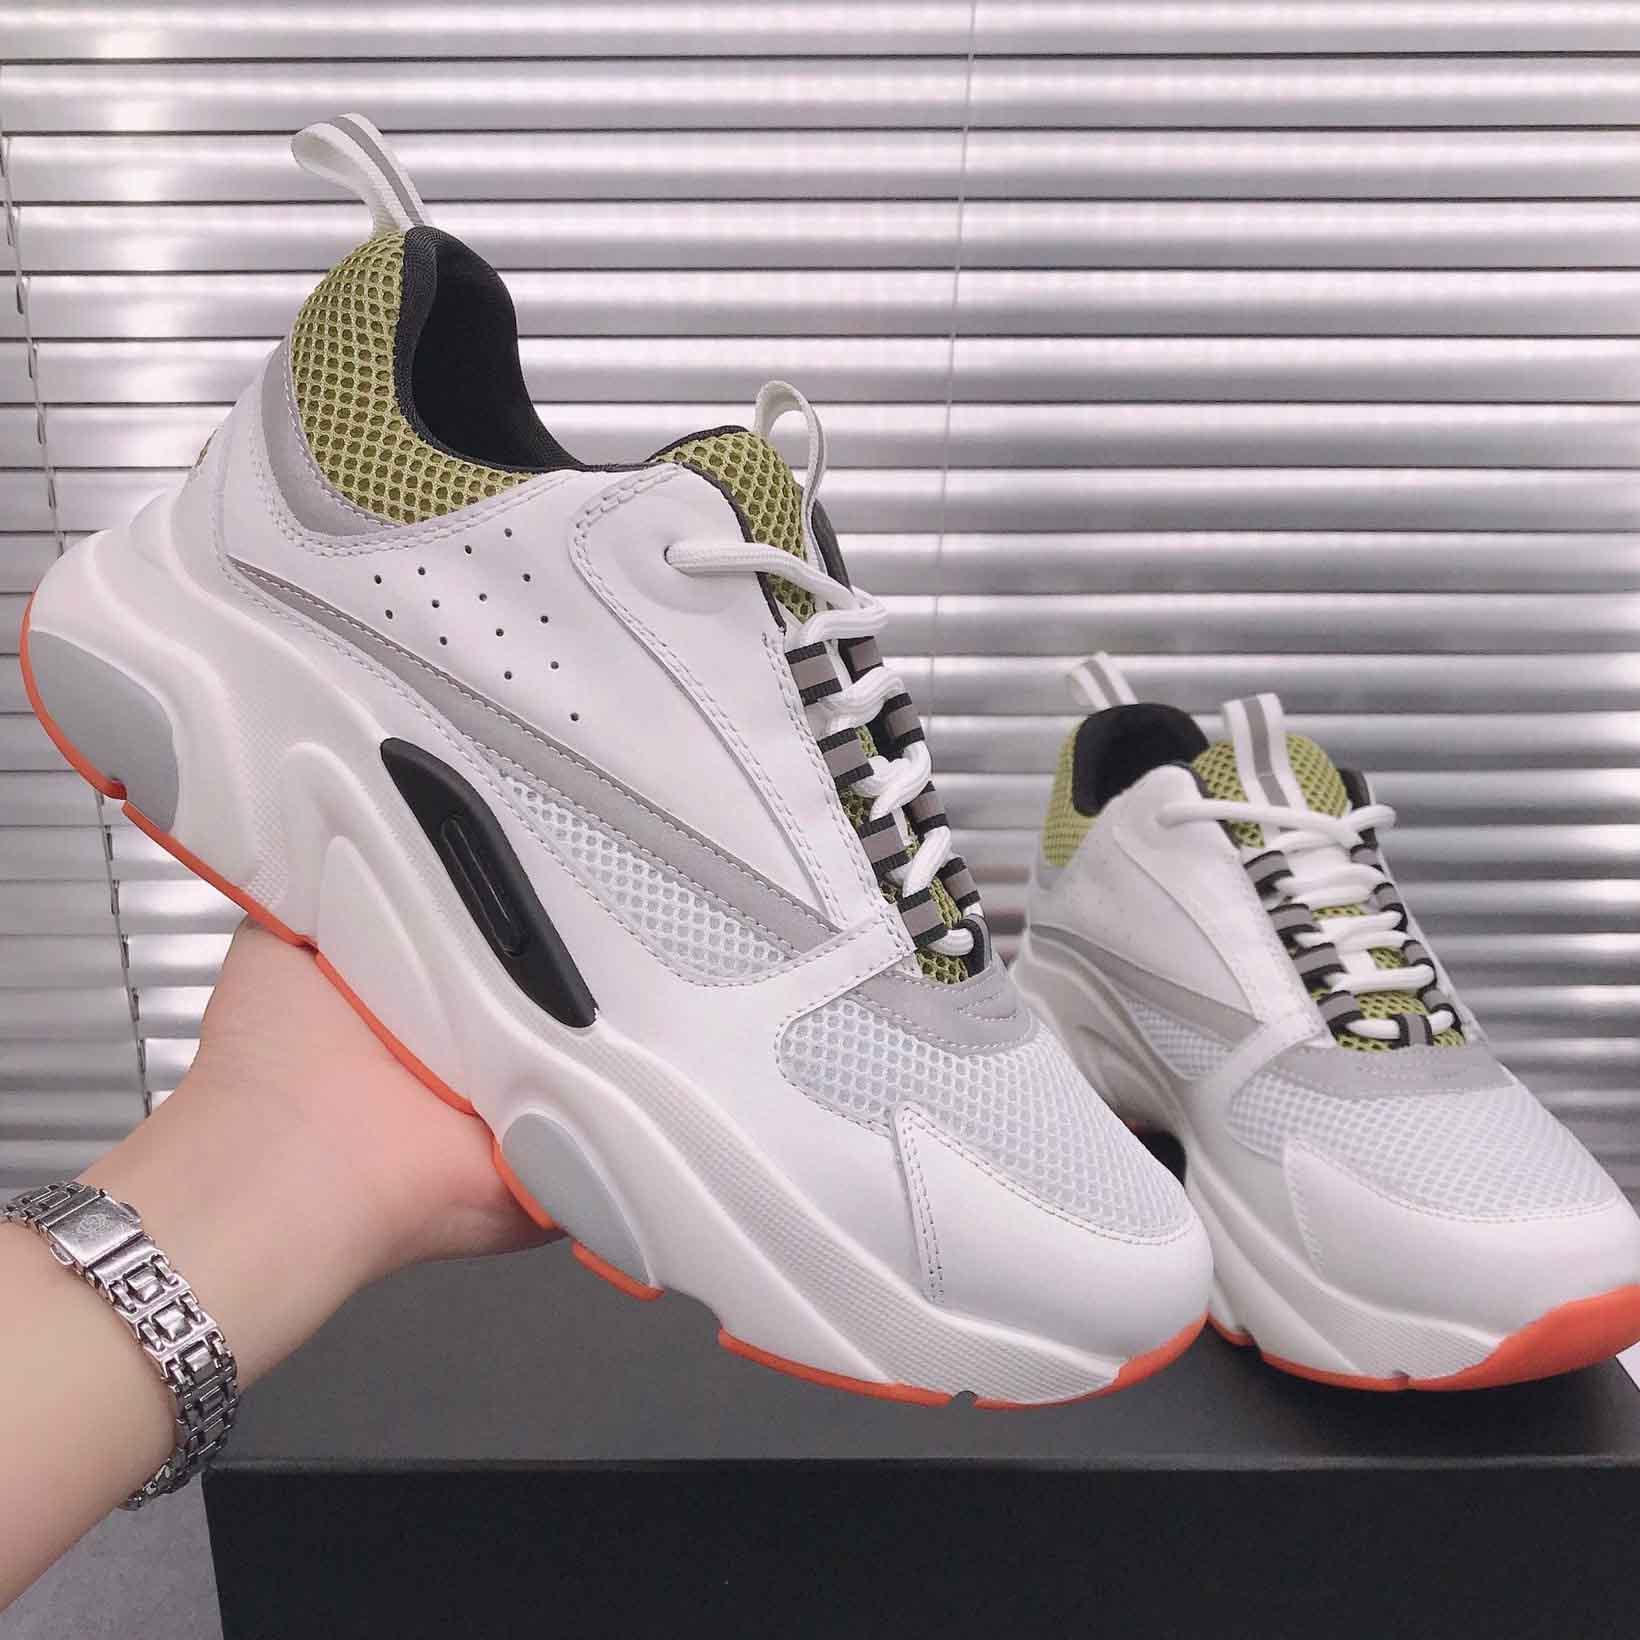 2021 B22 Случайные кроссовки Обувь Классический предел Показать стиль Старый папа Университет Удобные Женщины Мужчины Домашняя Обувь Обувь с коробкой